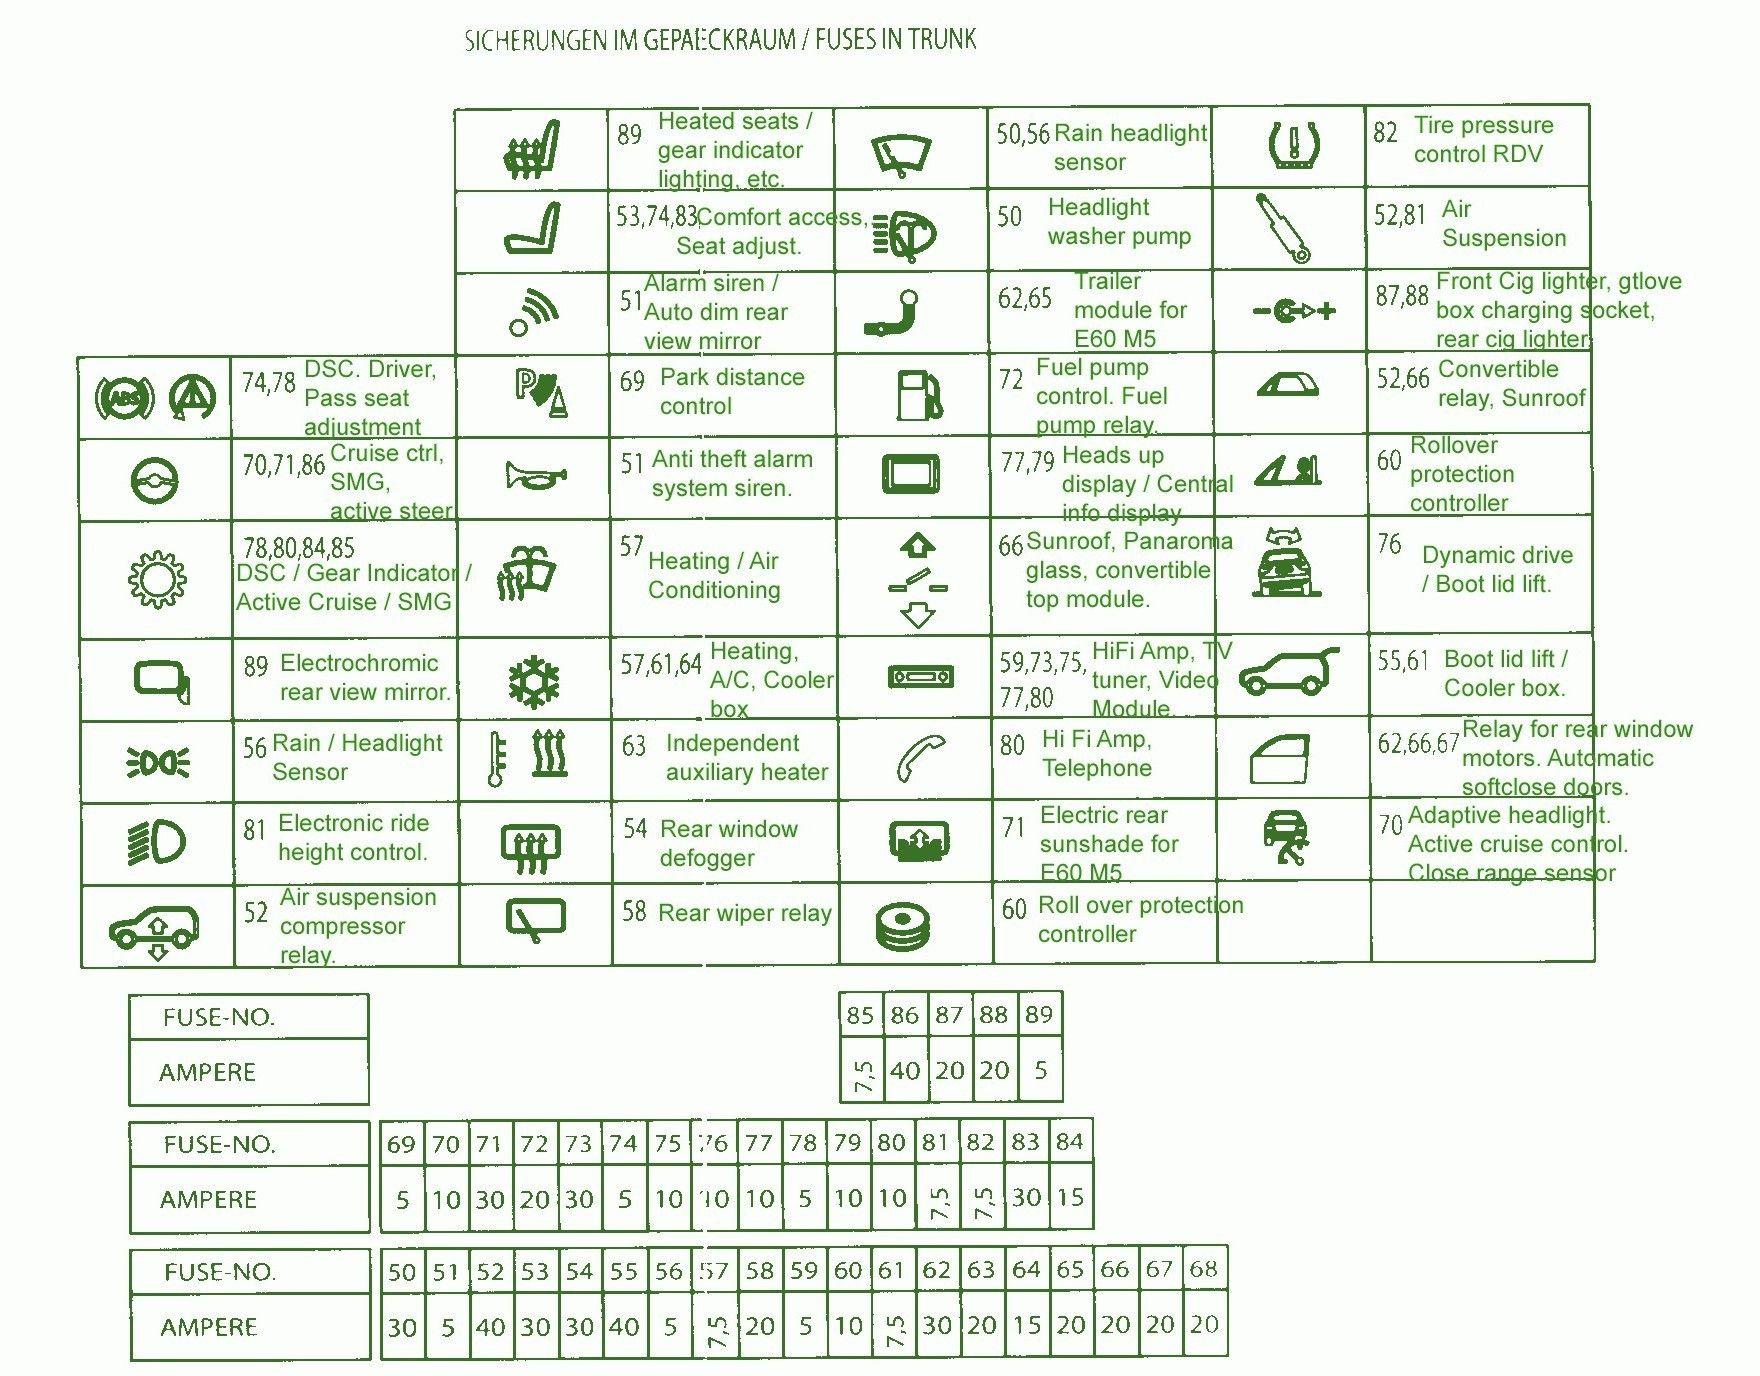 Citroen Dispatch Ecu Wiring Diagram - 5 Pin Relay Wiring Diagram -  bobcate-s70.yenpancane.jeanjaures37.fr | Citroen Dispatch Ecu Wiring Diagram |  | Wiring Diagram Resource